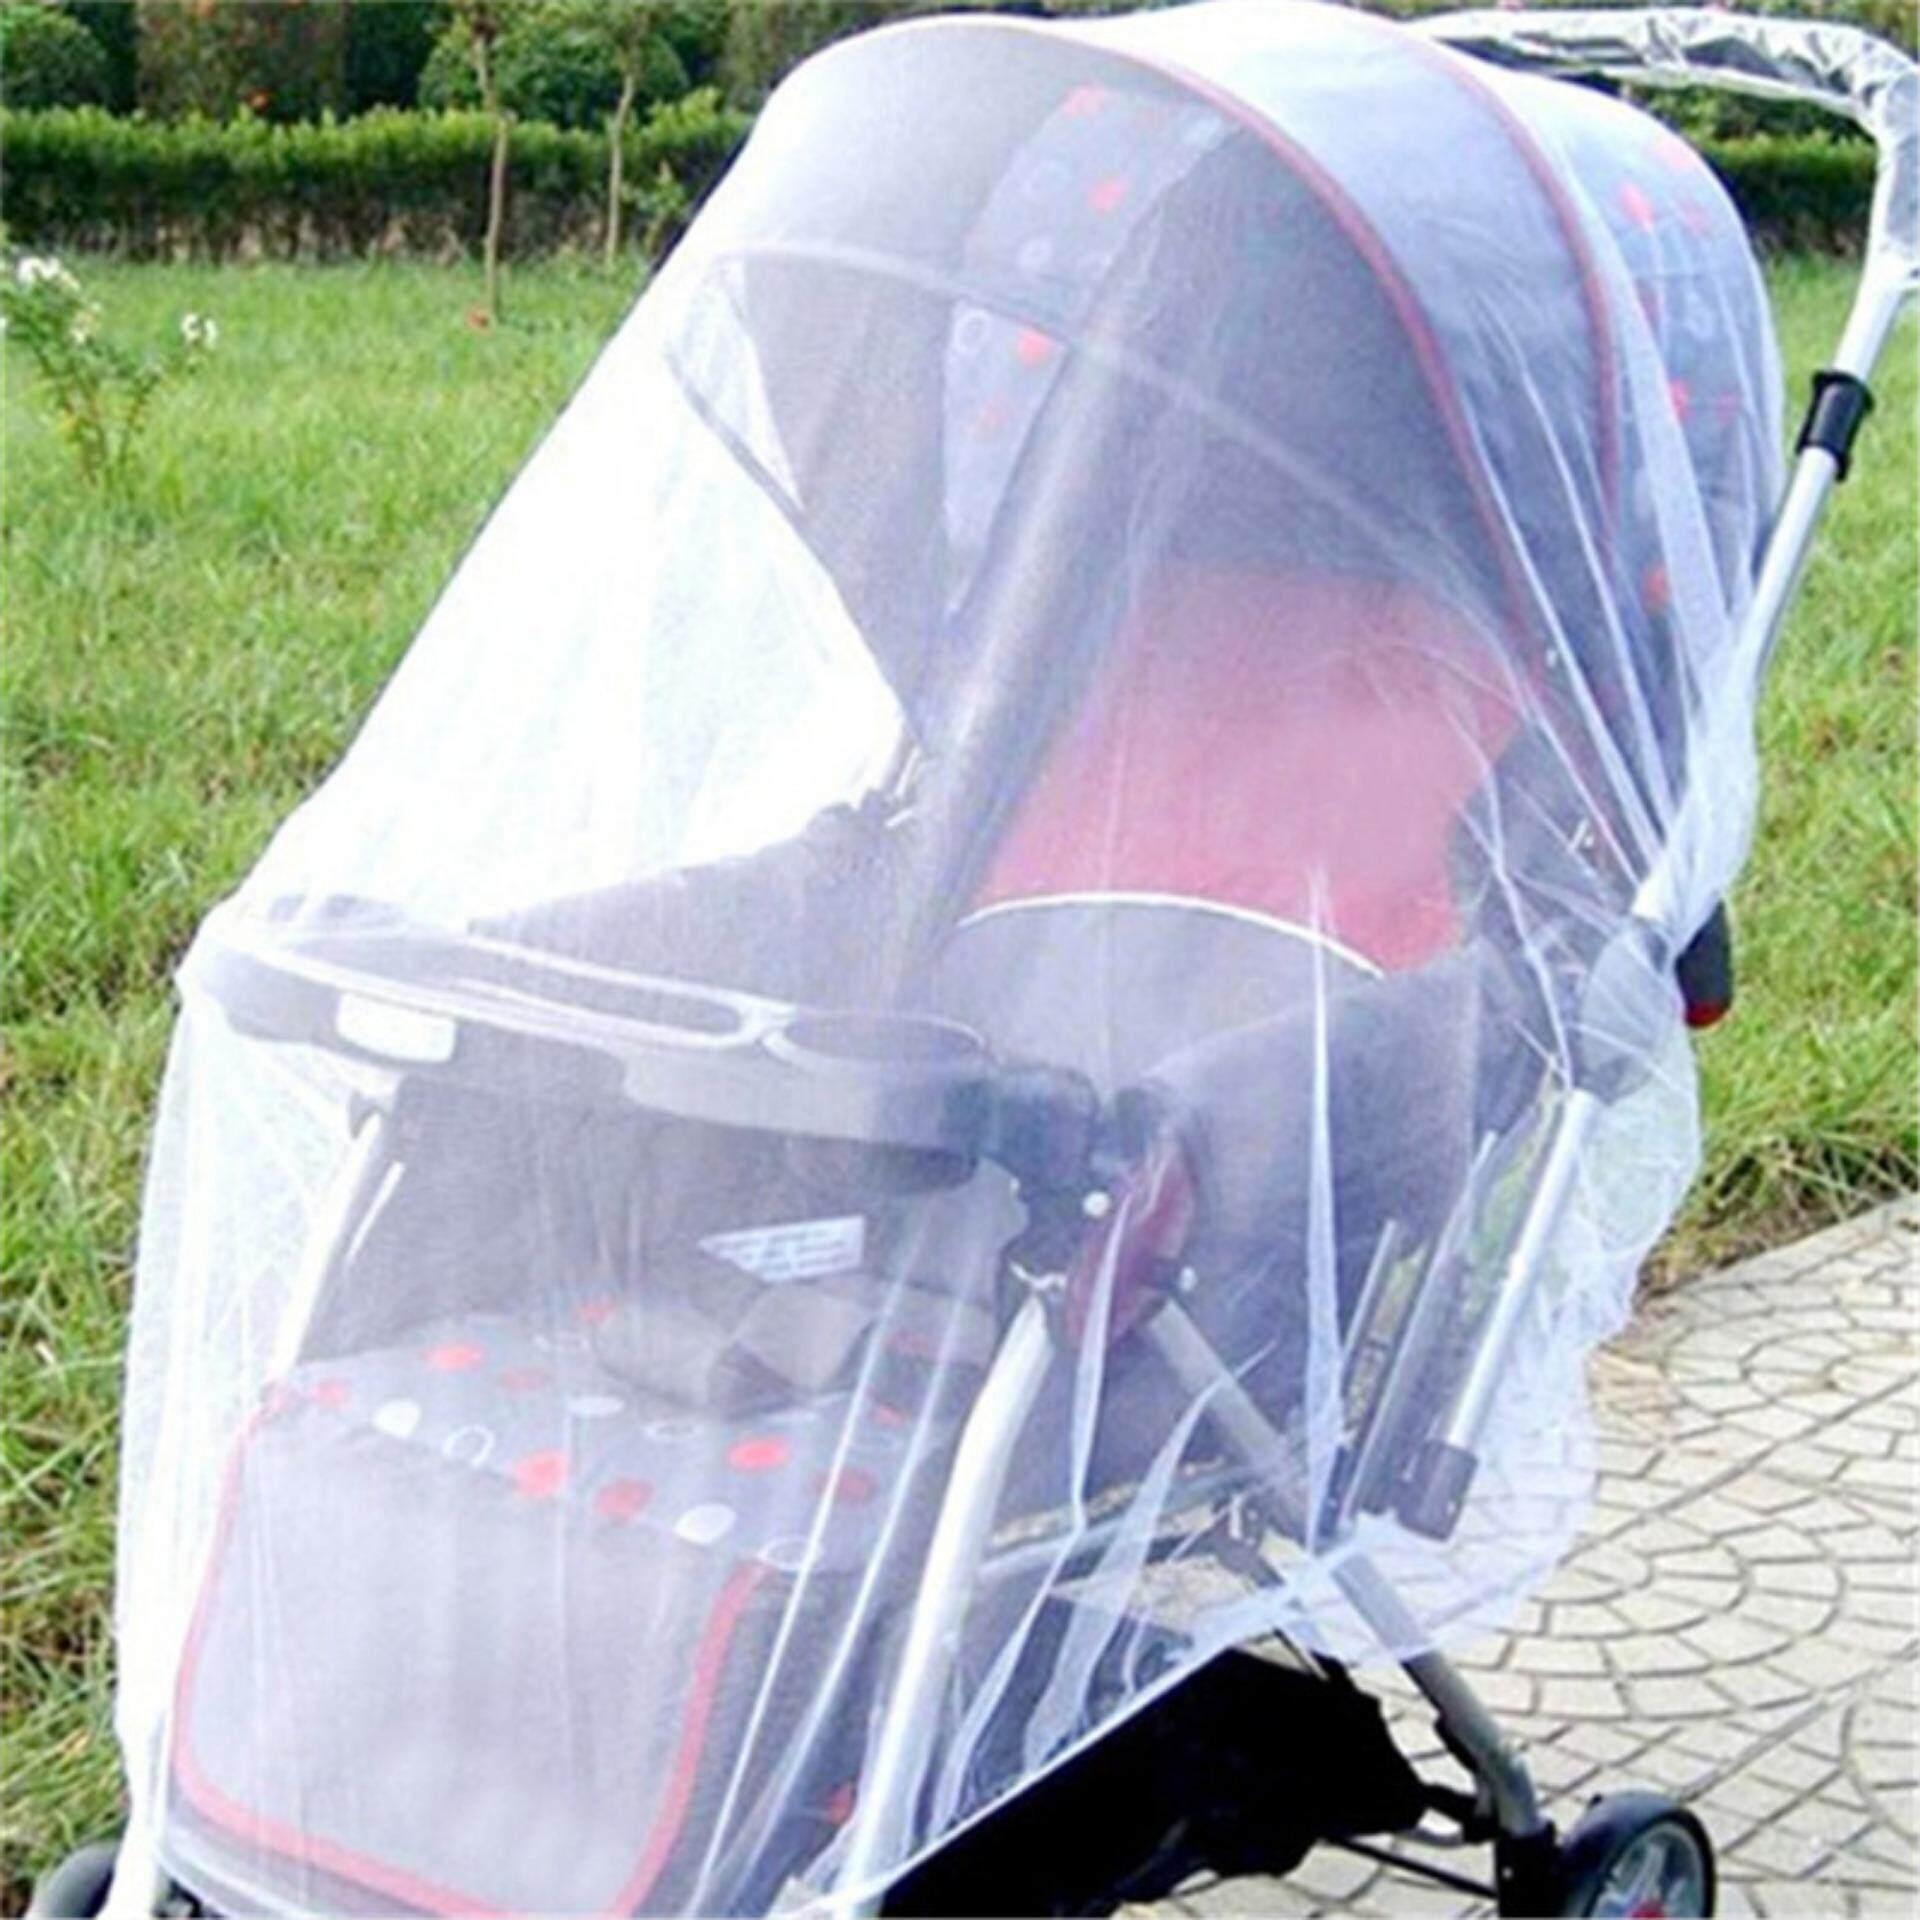 ทารกแรกเกิดรถเข็นเด็กทารก Crip สุทธิรถเข็นเด็กแมลงยุงสุทธิตาข่ายปลอดภัย